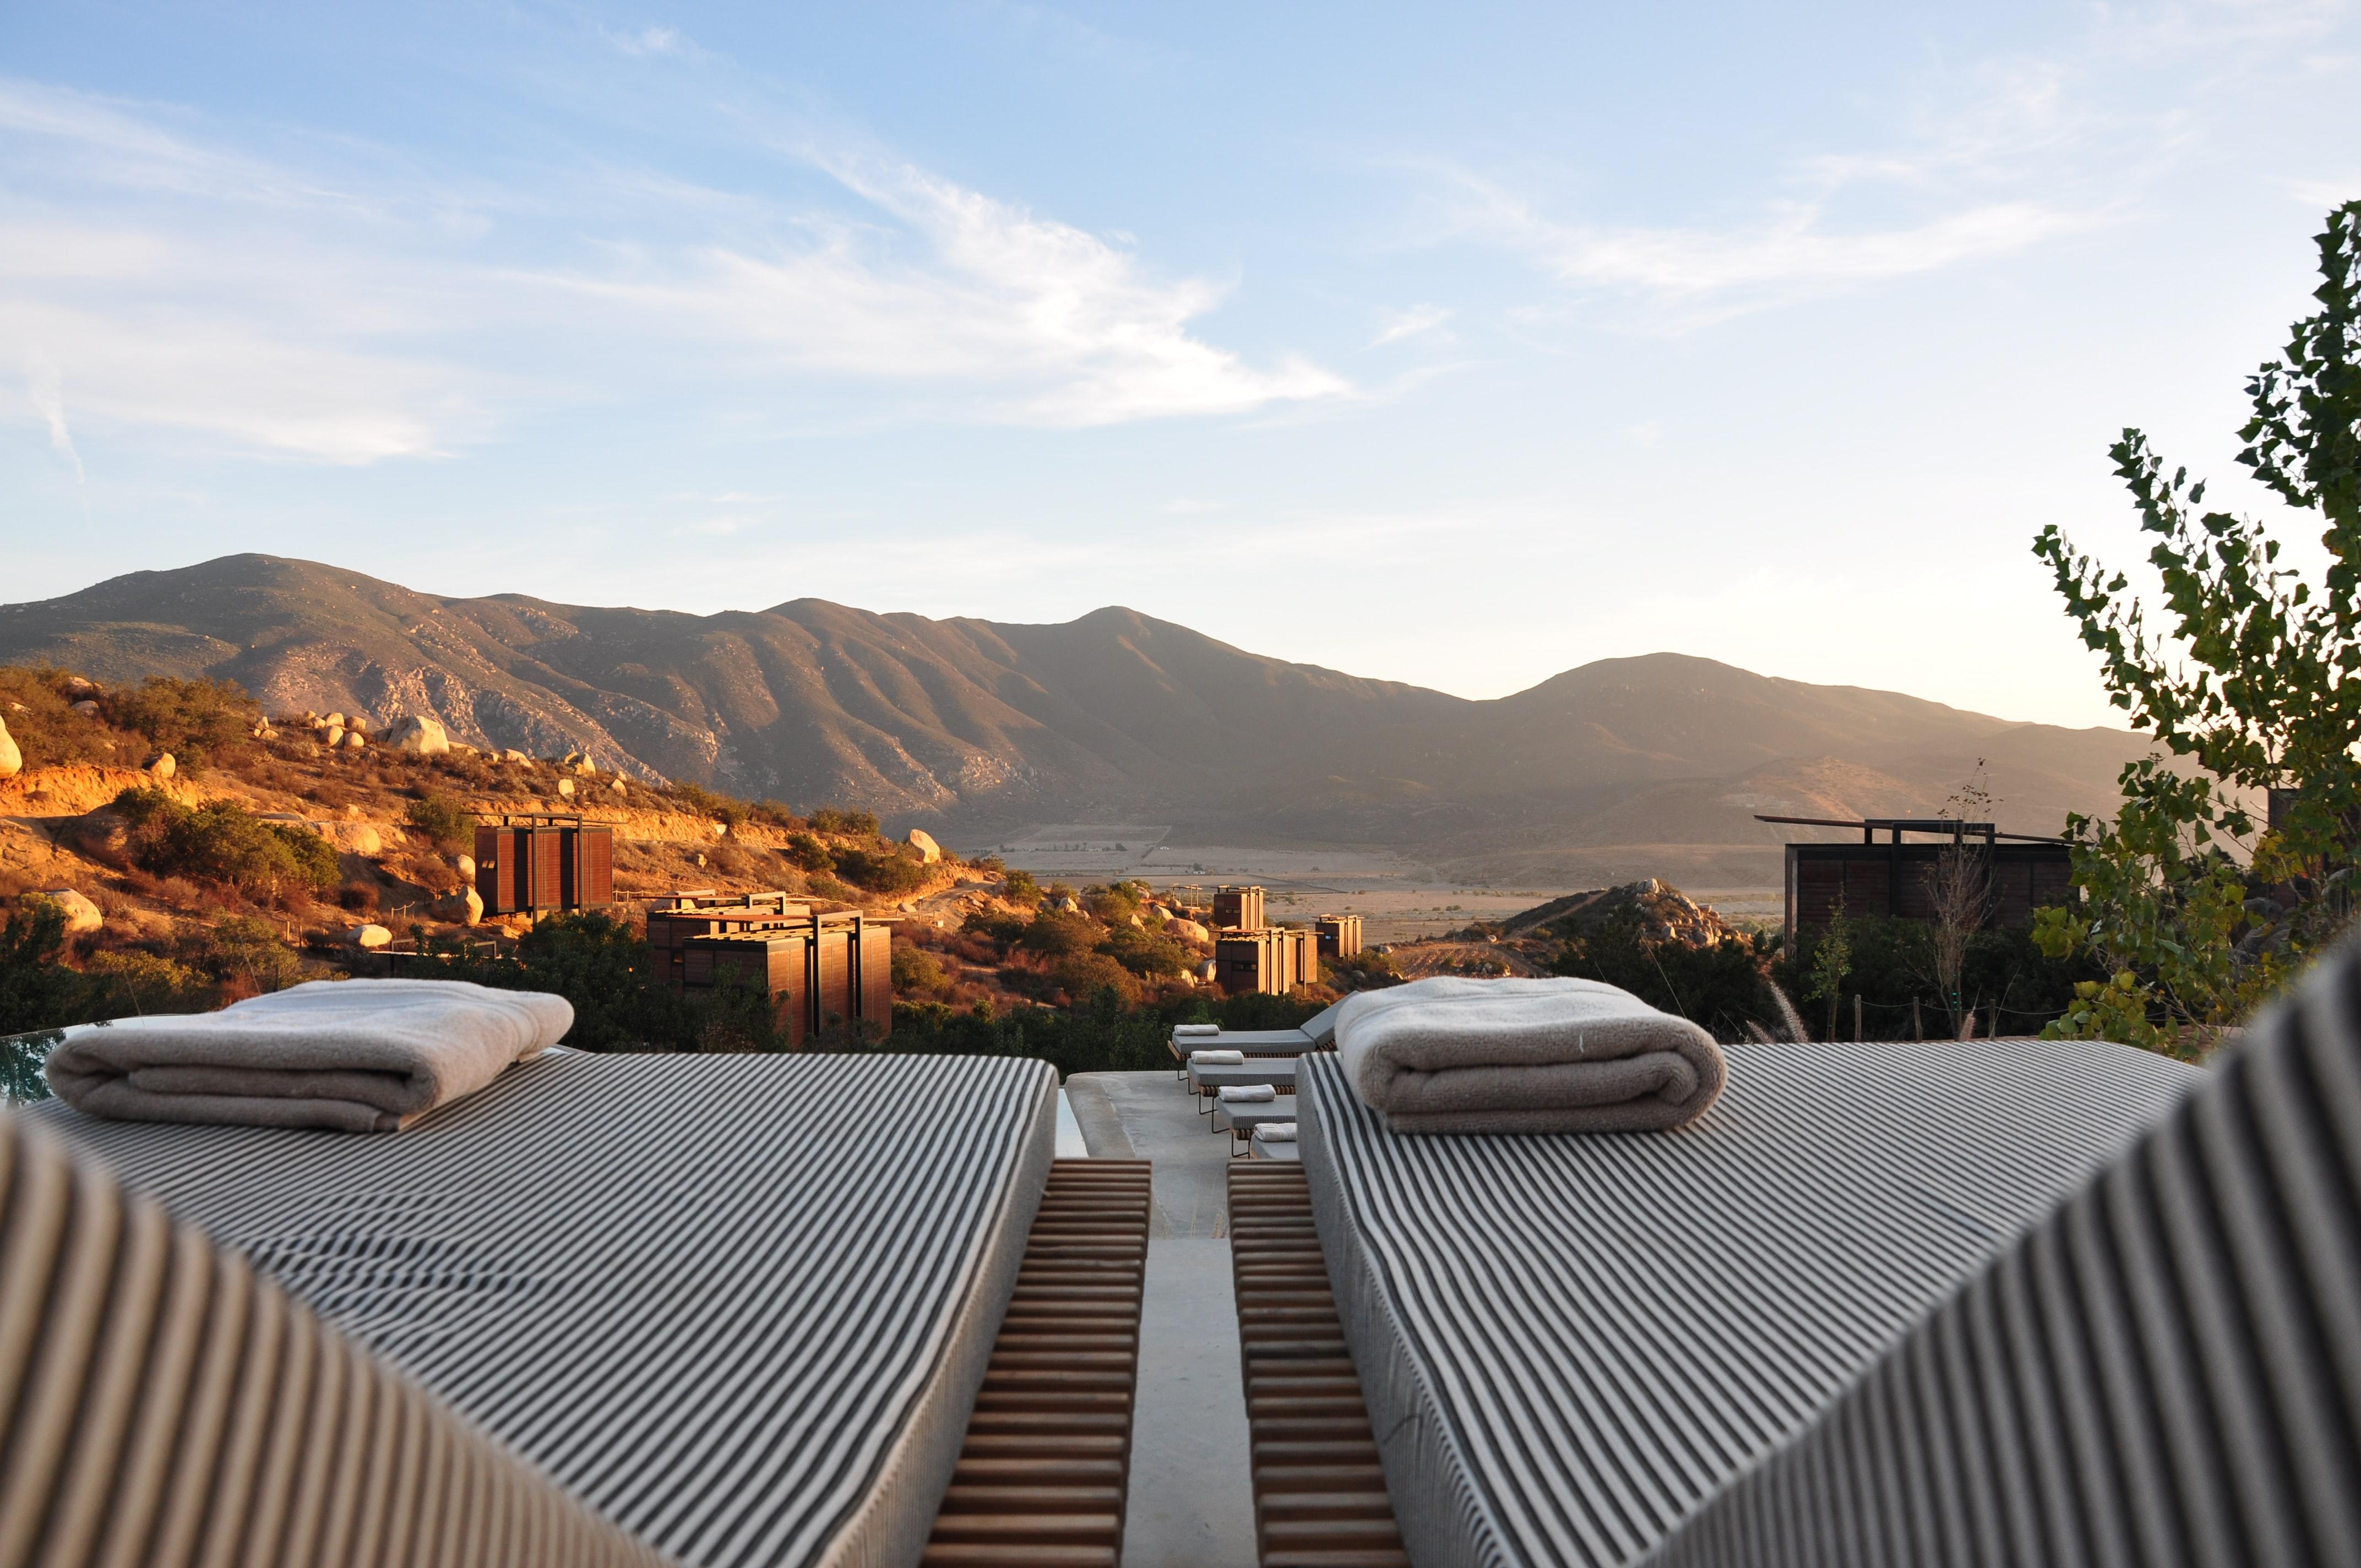 Un albergo di montagna con due materassi in una terrazza al tramonto